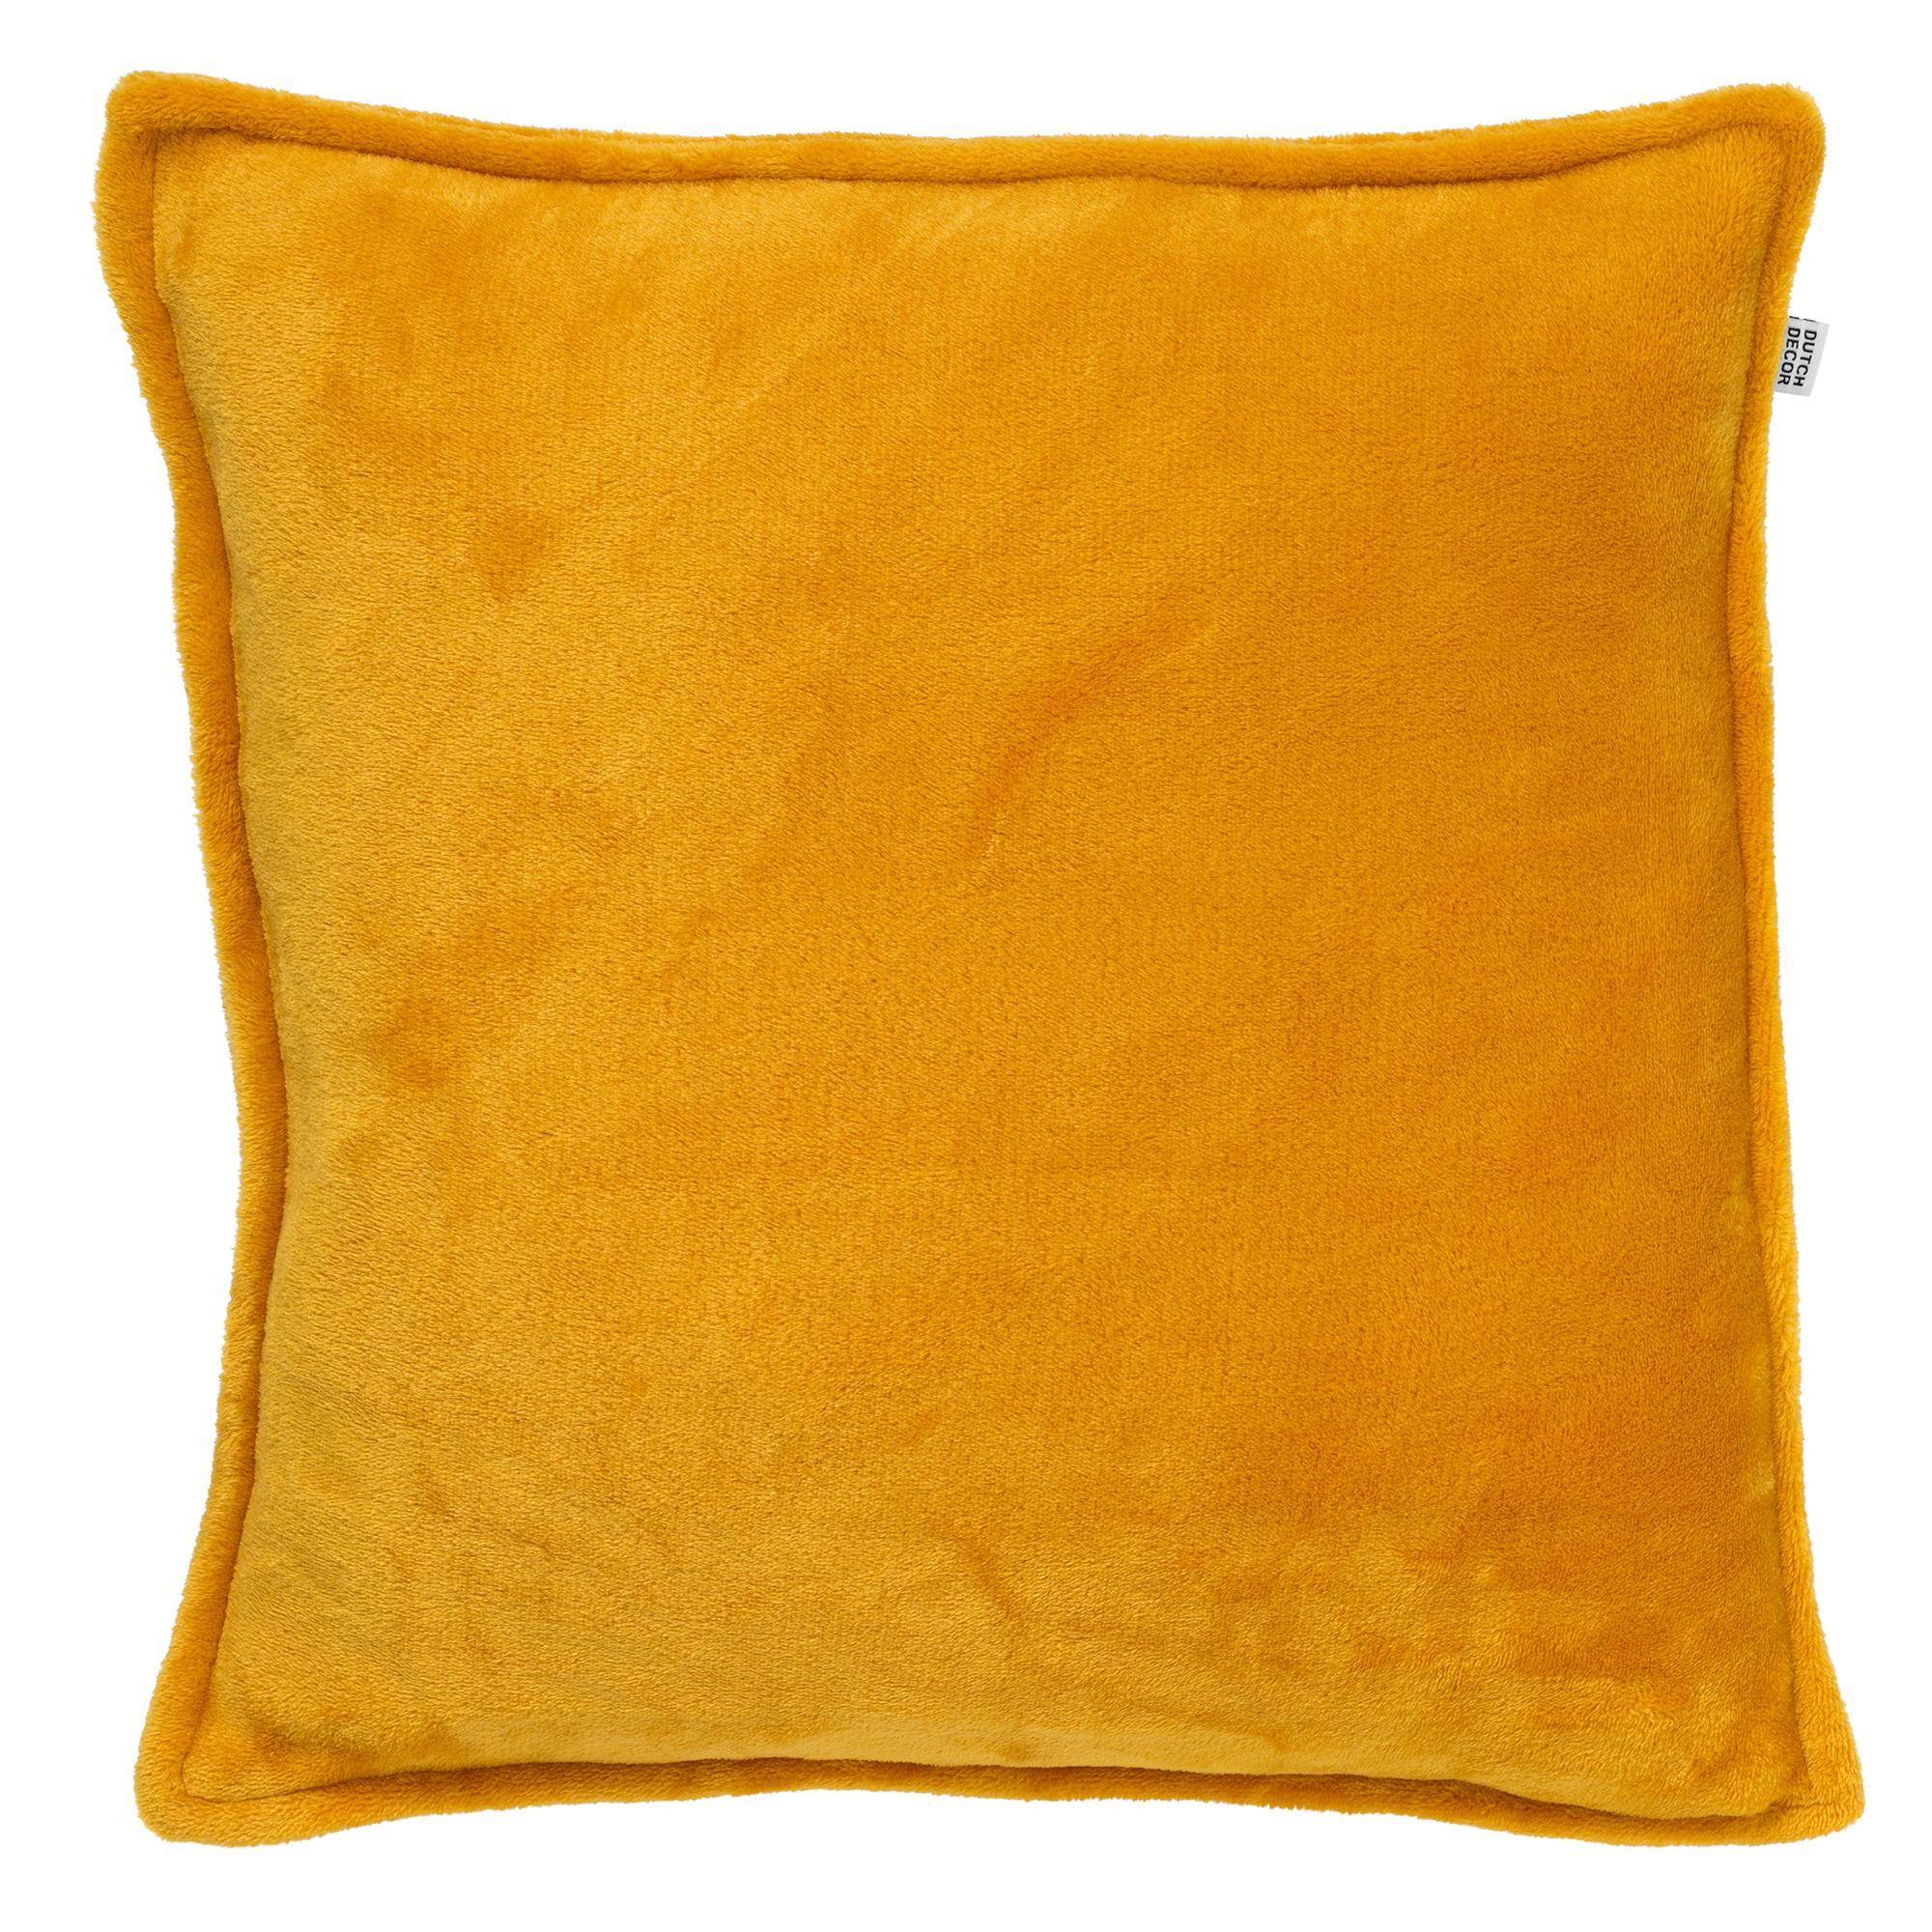 CILLY - Sierkussen van fleece Golden Glow 45x45 cm